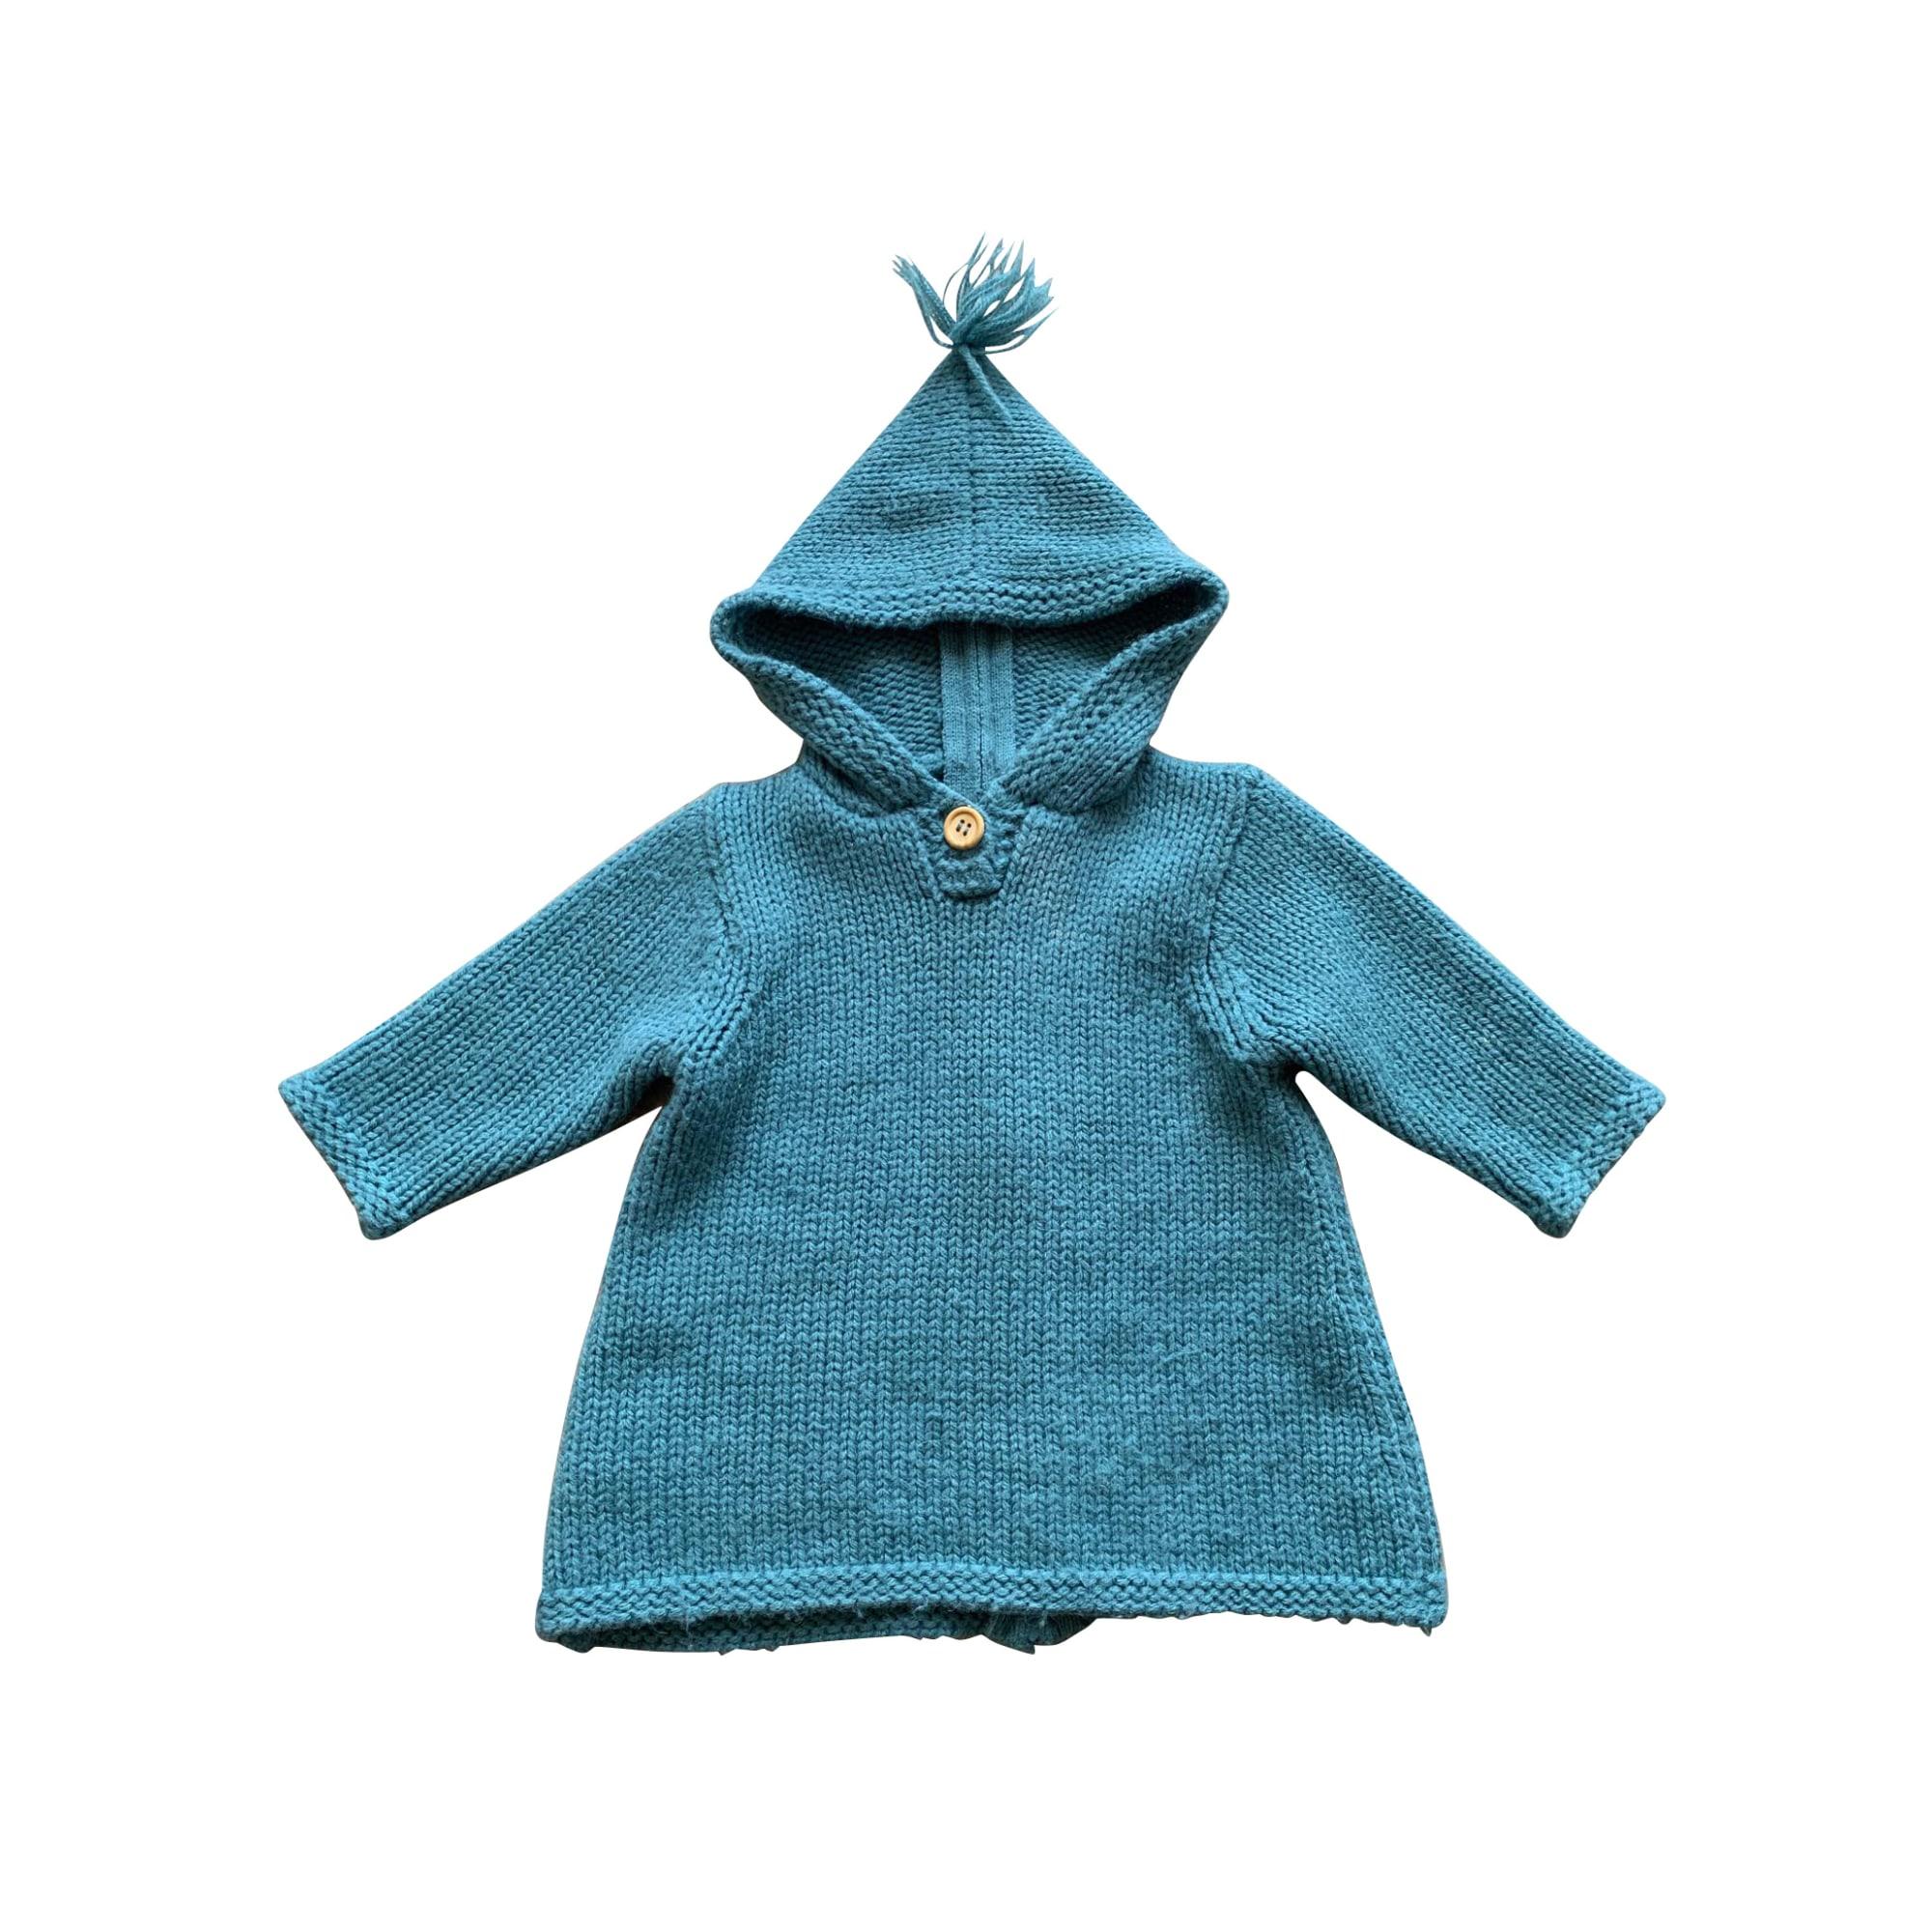 Gilet, cardigan BONTON Bleu, bleu marine, bleu turquoise